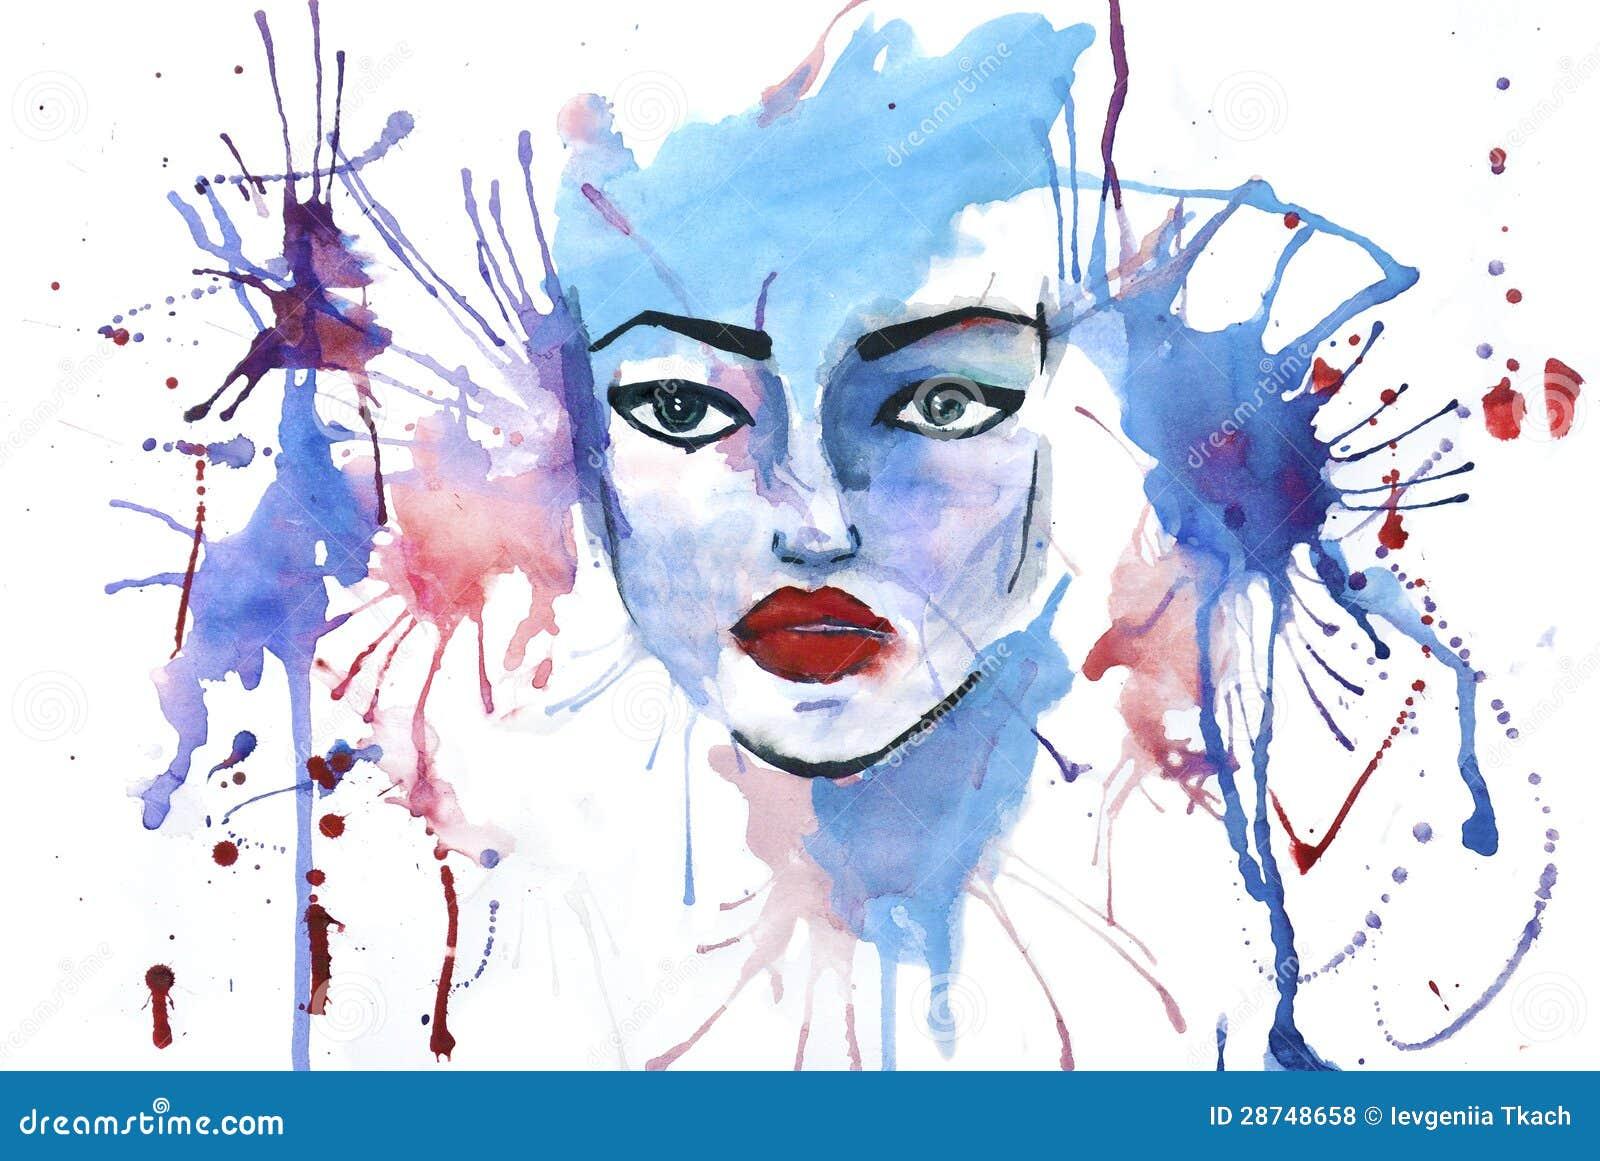 Het beeld van de waterverf met vrouwengezicht op het stock illustratie afbeelding 28748658 - Beeld het meisje van ...